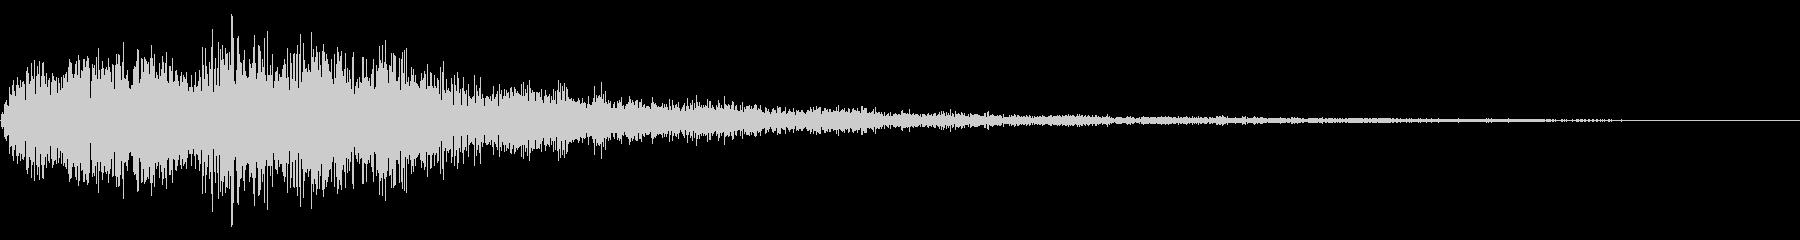 明るいテロップ音 ボタン音 決定音 18の未再生の波形